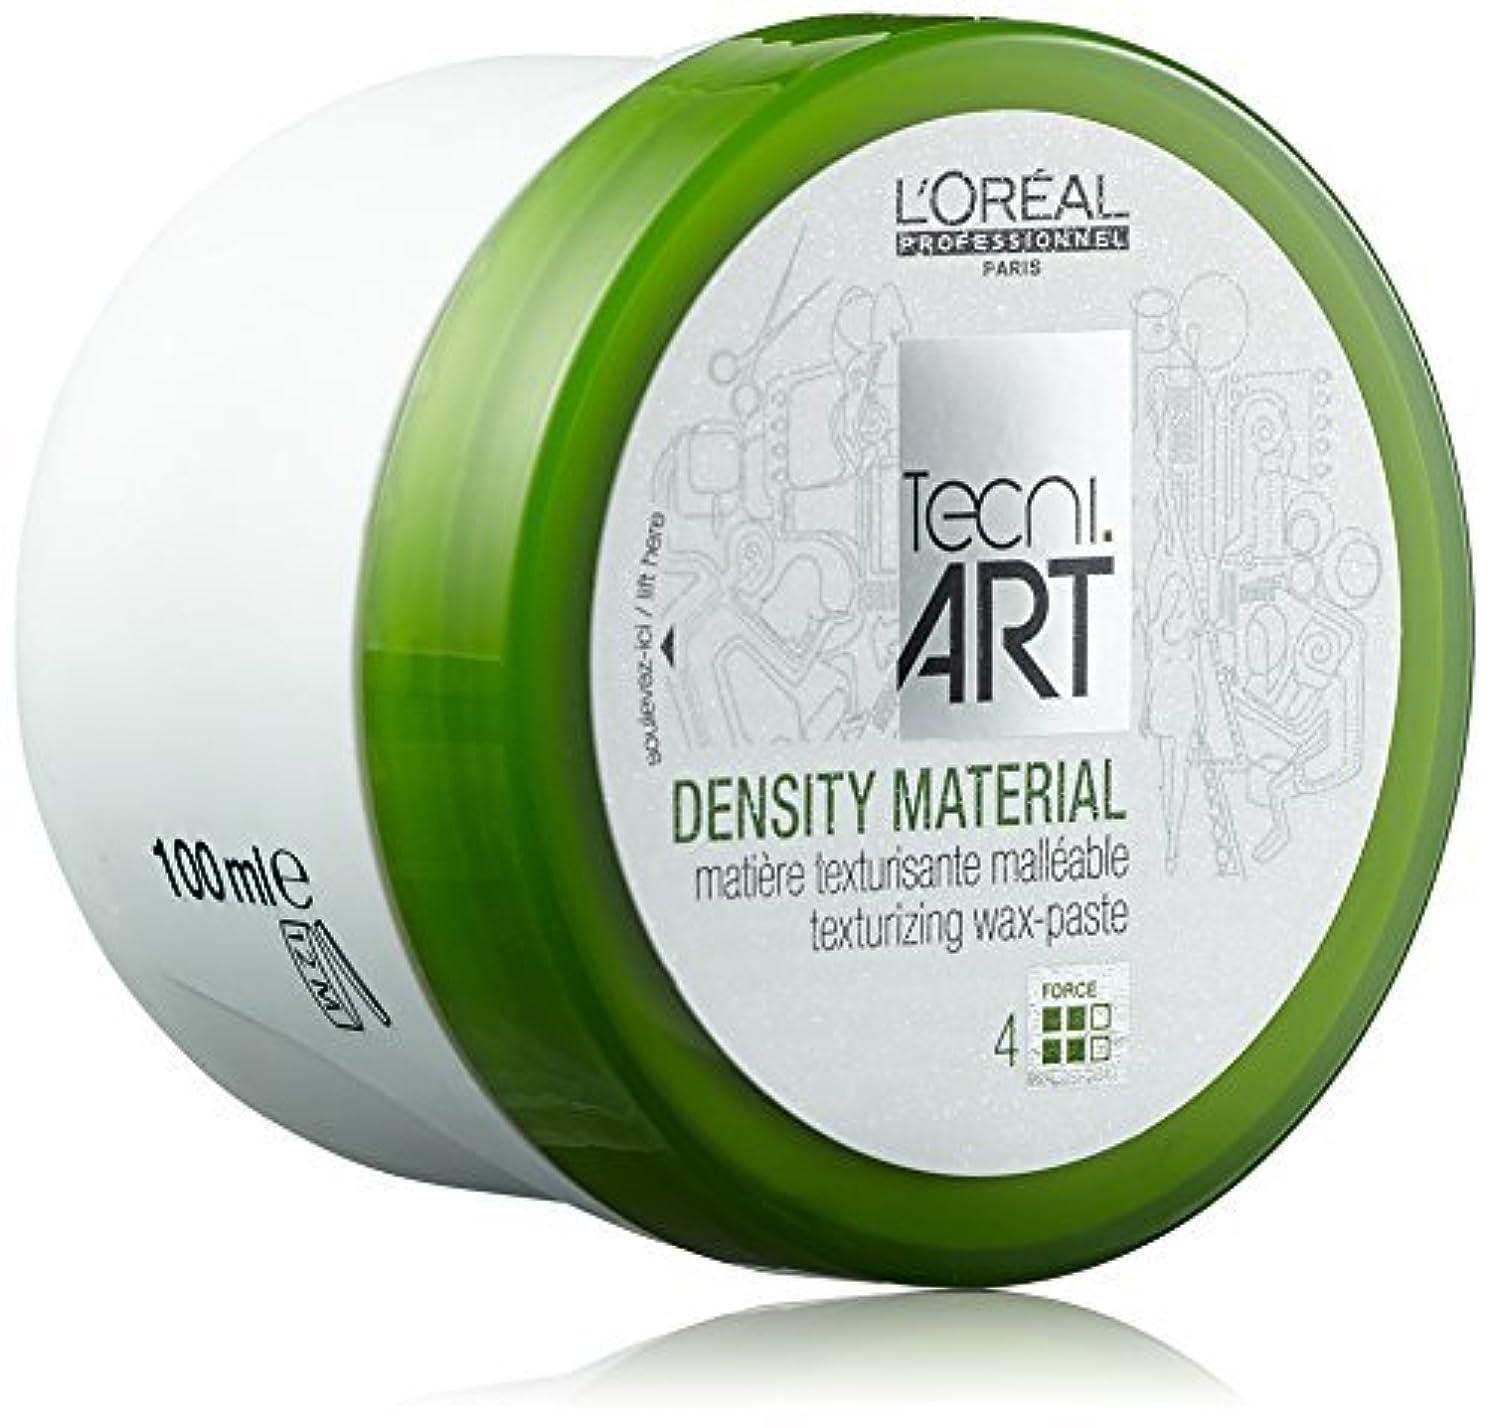 害西部断片L'Oreal Professionnel Tecni.Art Play Ball Density Material 100ml/3.4oz by L'oreal [並行輸入品]